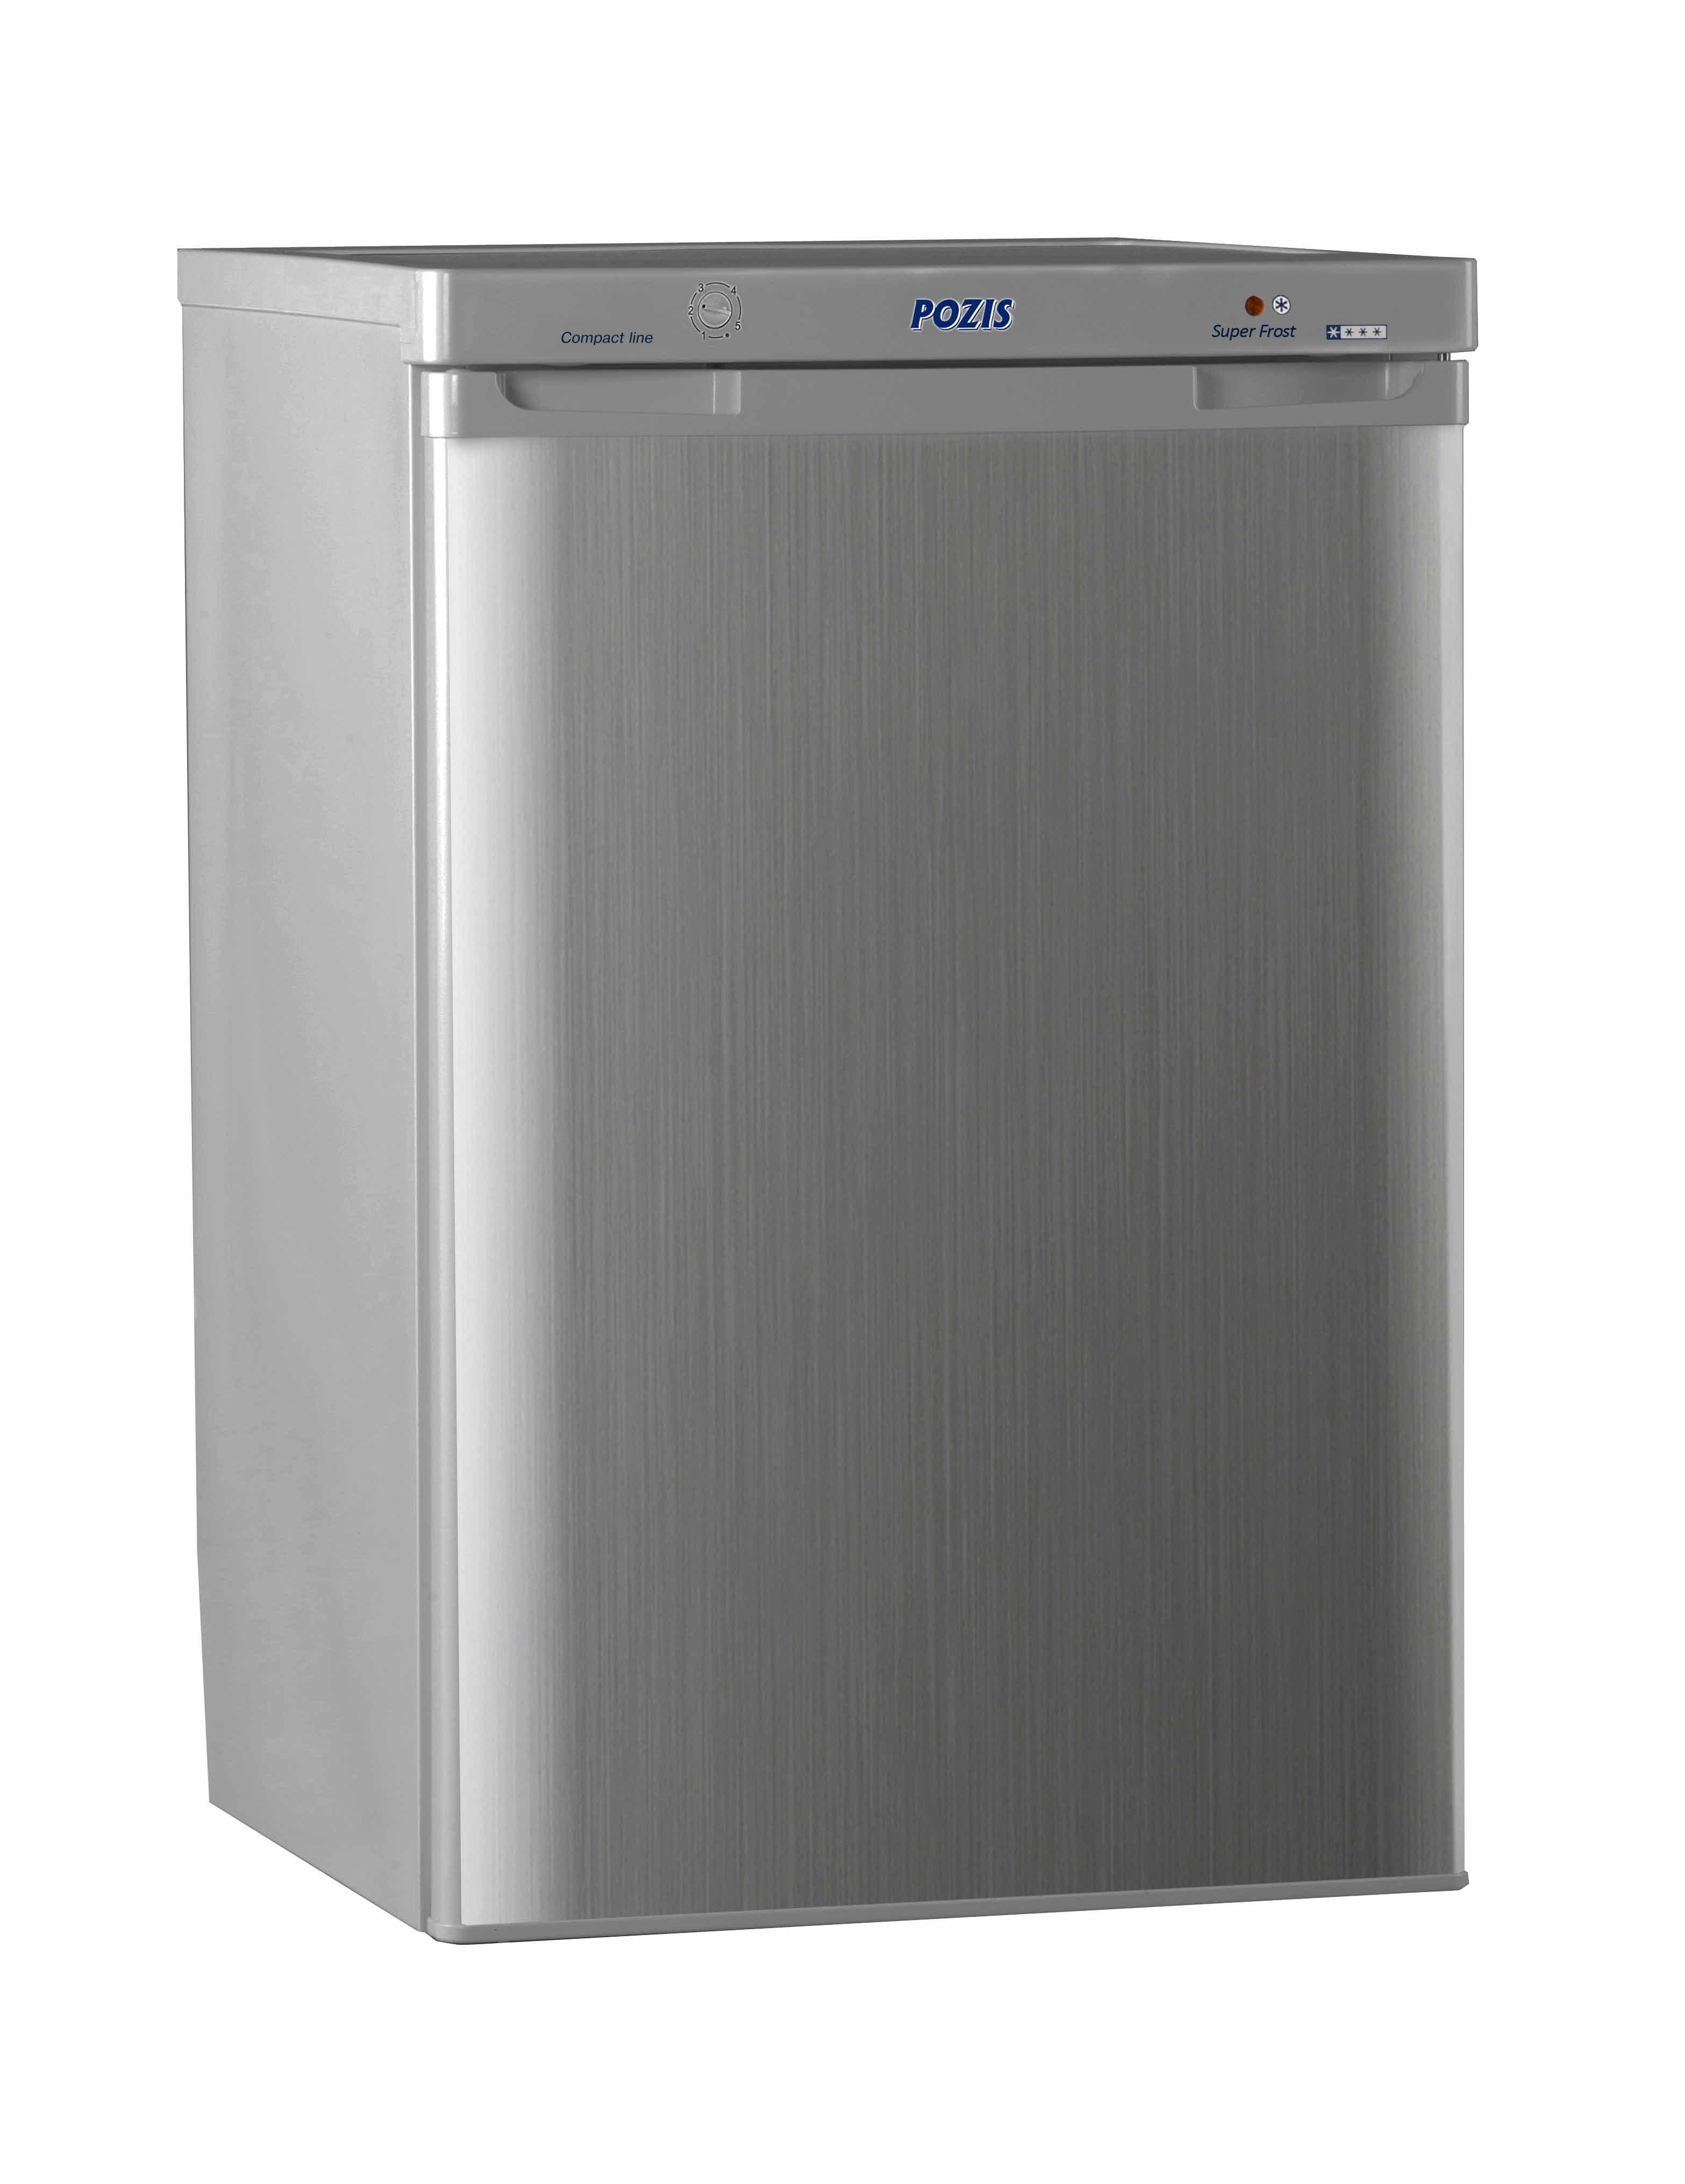 Шкаф морозильный FV-108 серебристый металлопласт